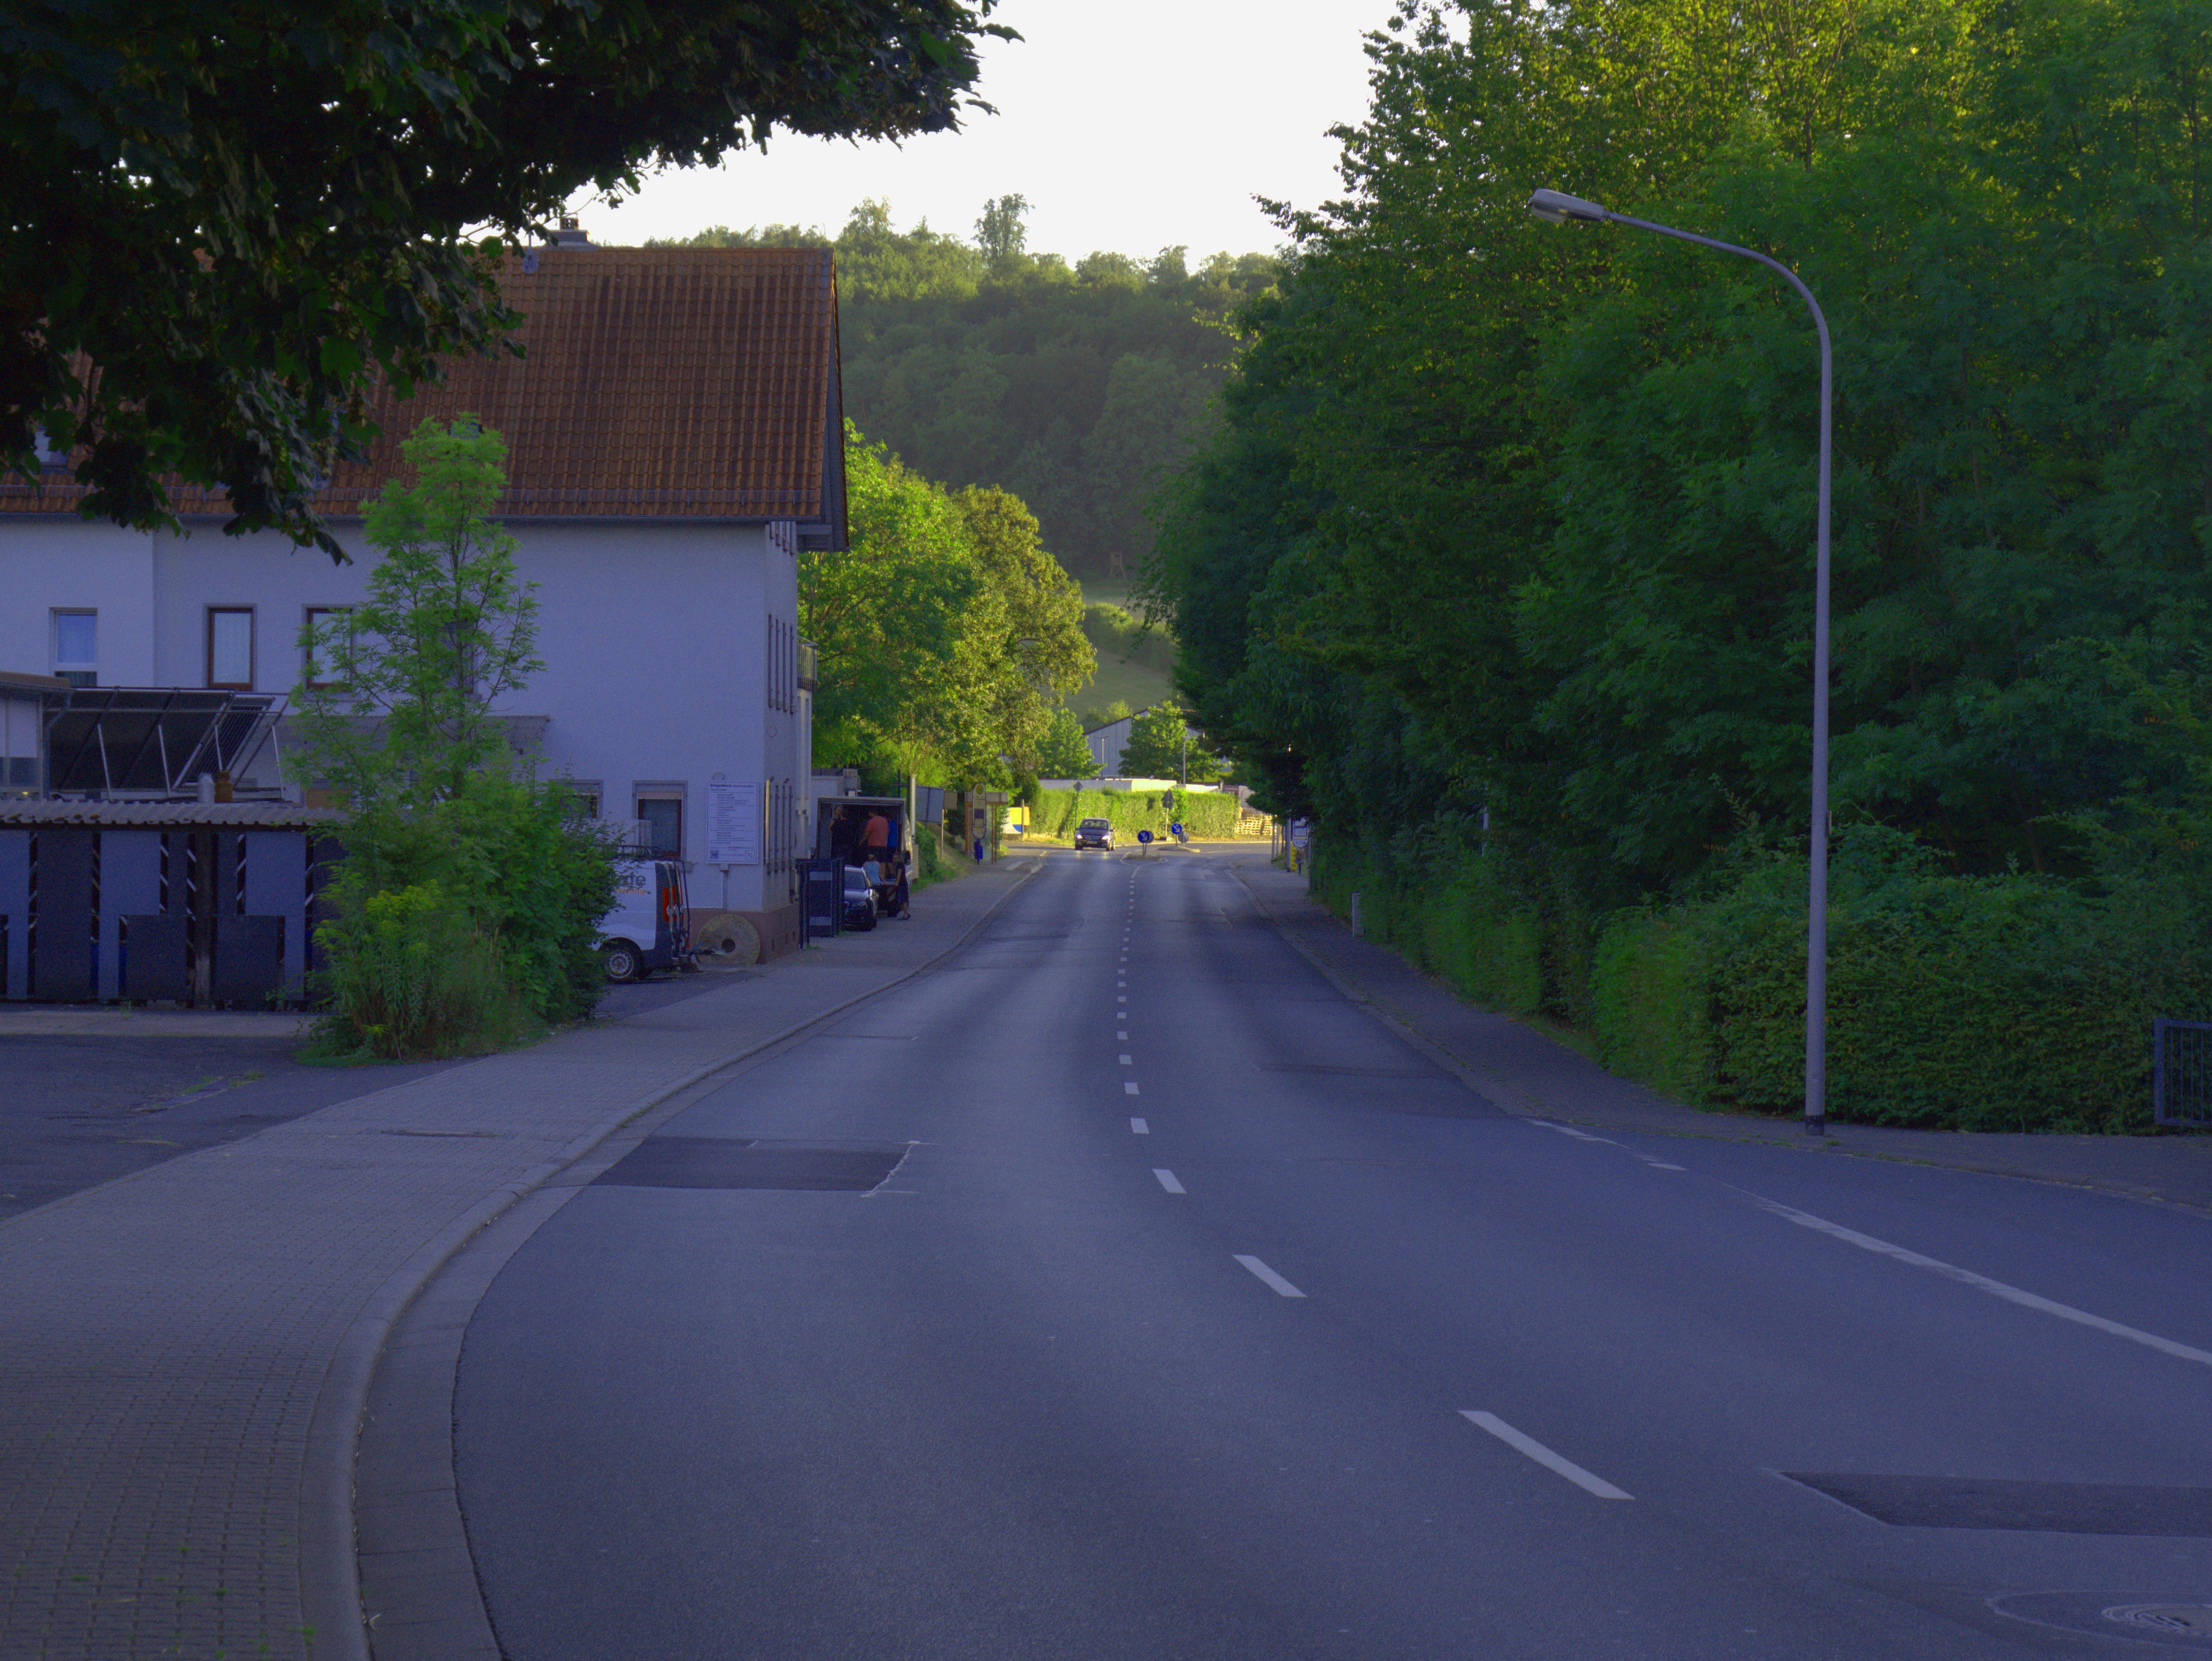 hier wird der Wille zur fahrradfreundlichen Stadt dokumentiert